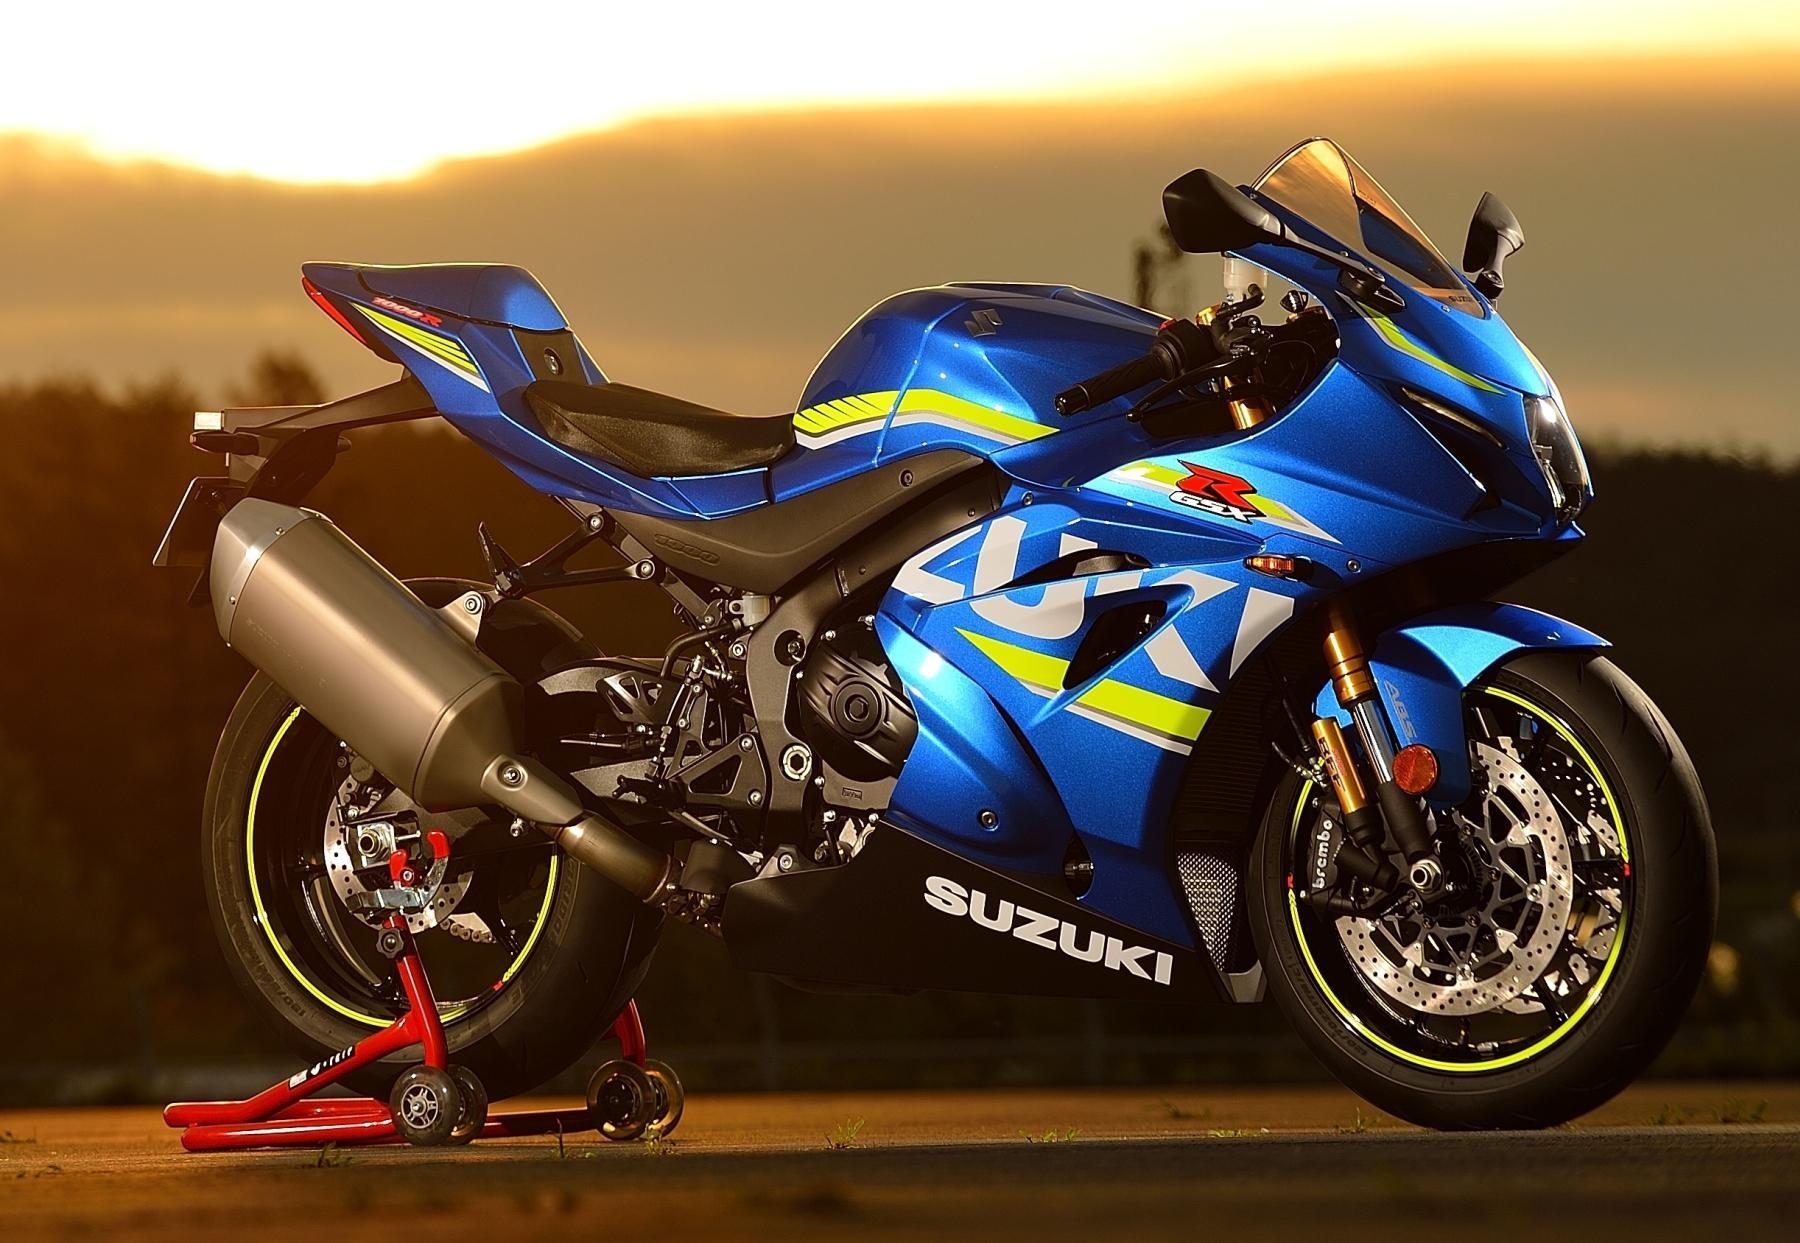 La experiencia en la competición se refleja en la nueva Suzuki GSX-R1000, más potente y ligera que nunca, además de más eficaz y deportiva.